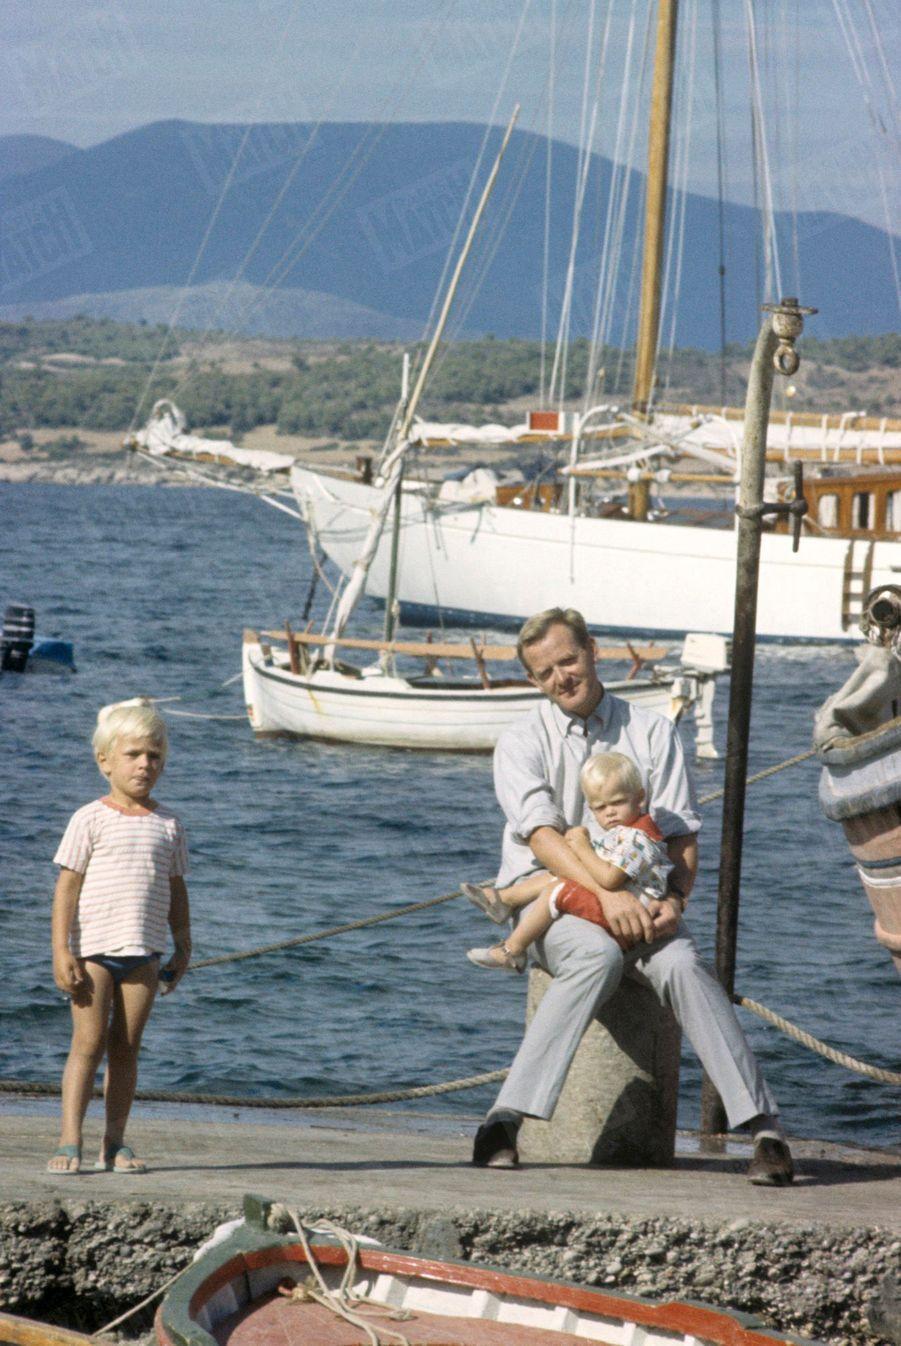 John Le Carré avec deux de ses fils sur l'île de Spetses, en Grèce,photographiés à l'occasion du premier rendez-vous du romancier britannique avec Paris Match, en octobre 1964.